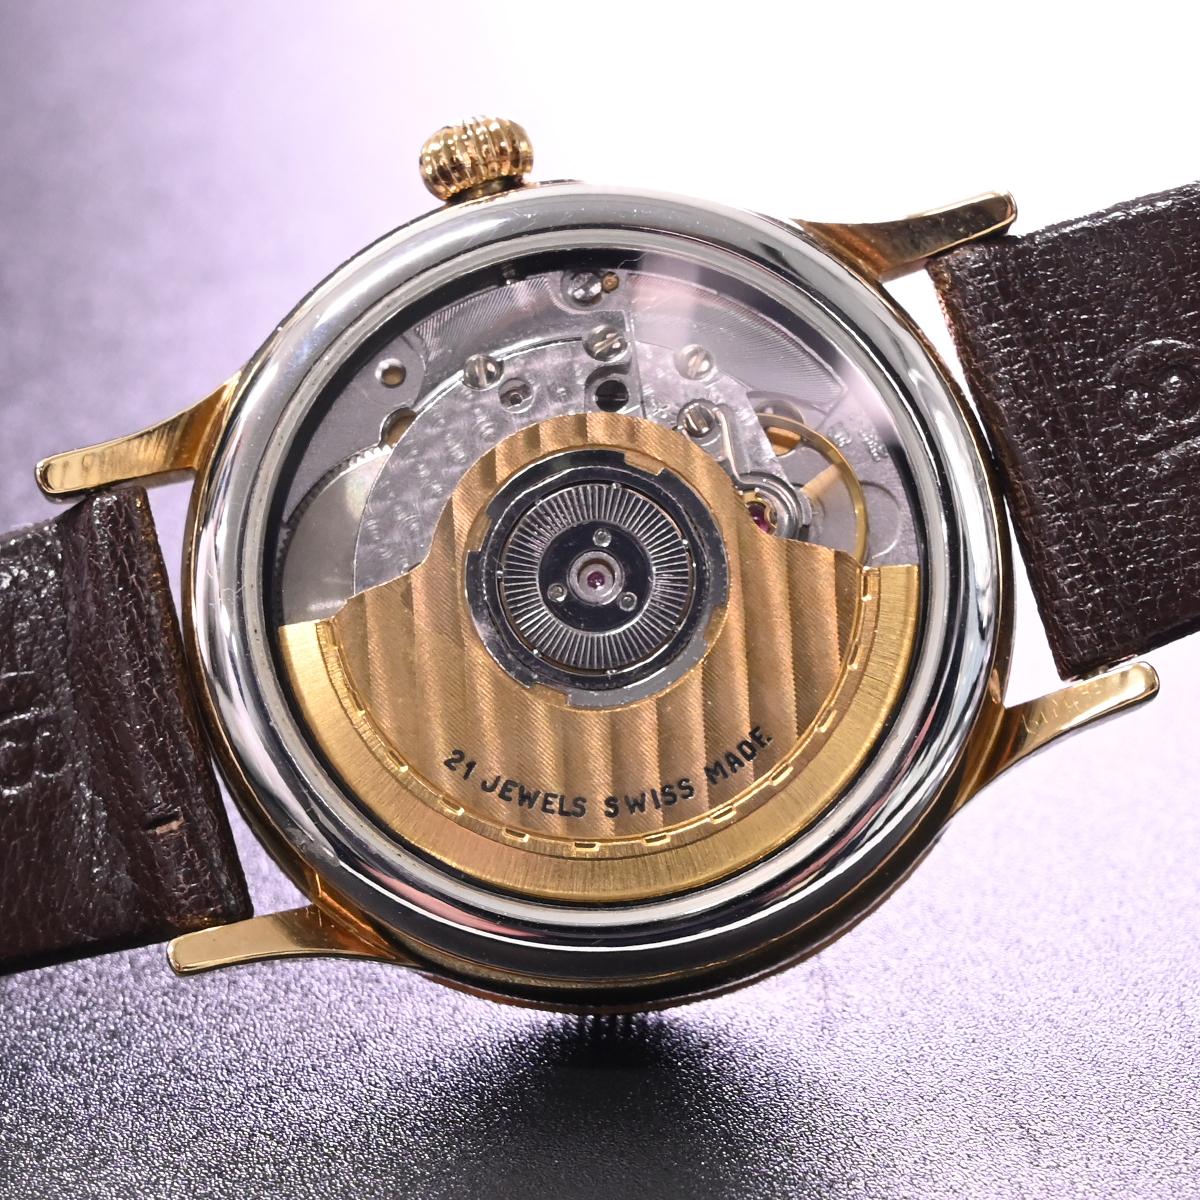 本物 極上品 英国 ガラード 極希少 独立針 レギュレーター オートマチック メンズウォッチ 裏スケ 男性用自動巻腕時計 保存箱付 GARRARD_画像8